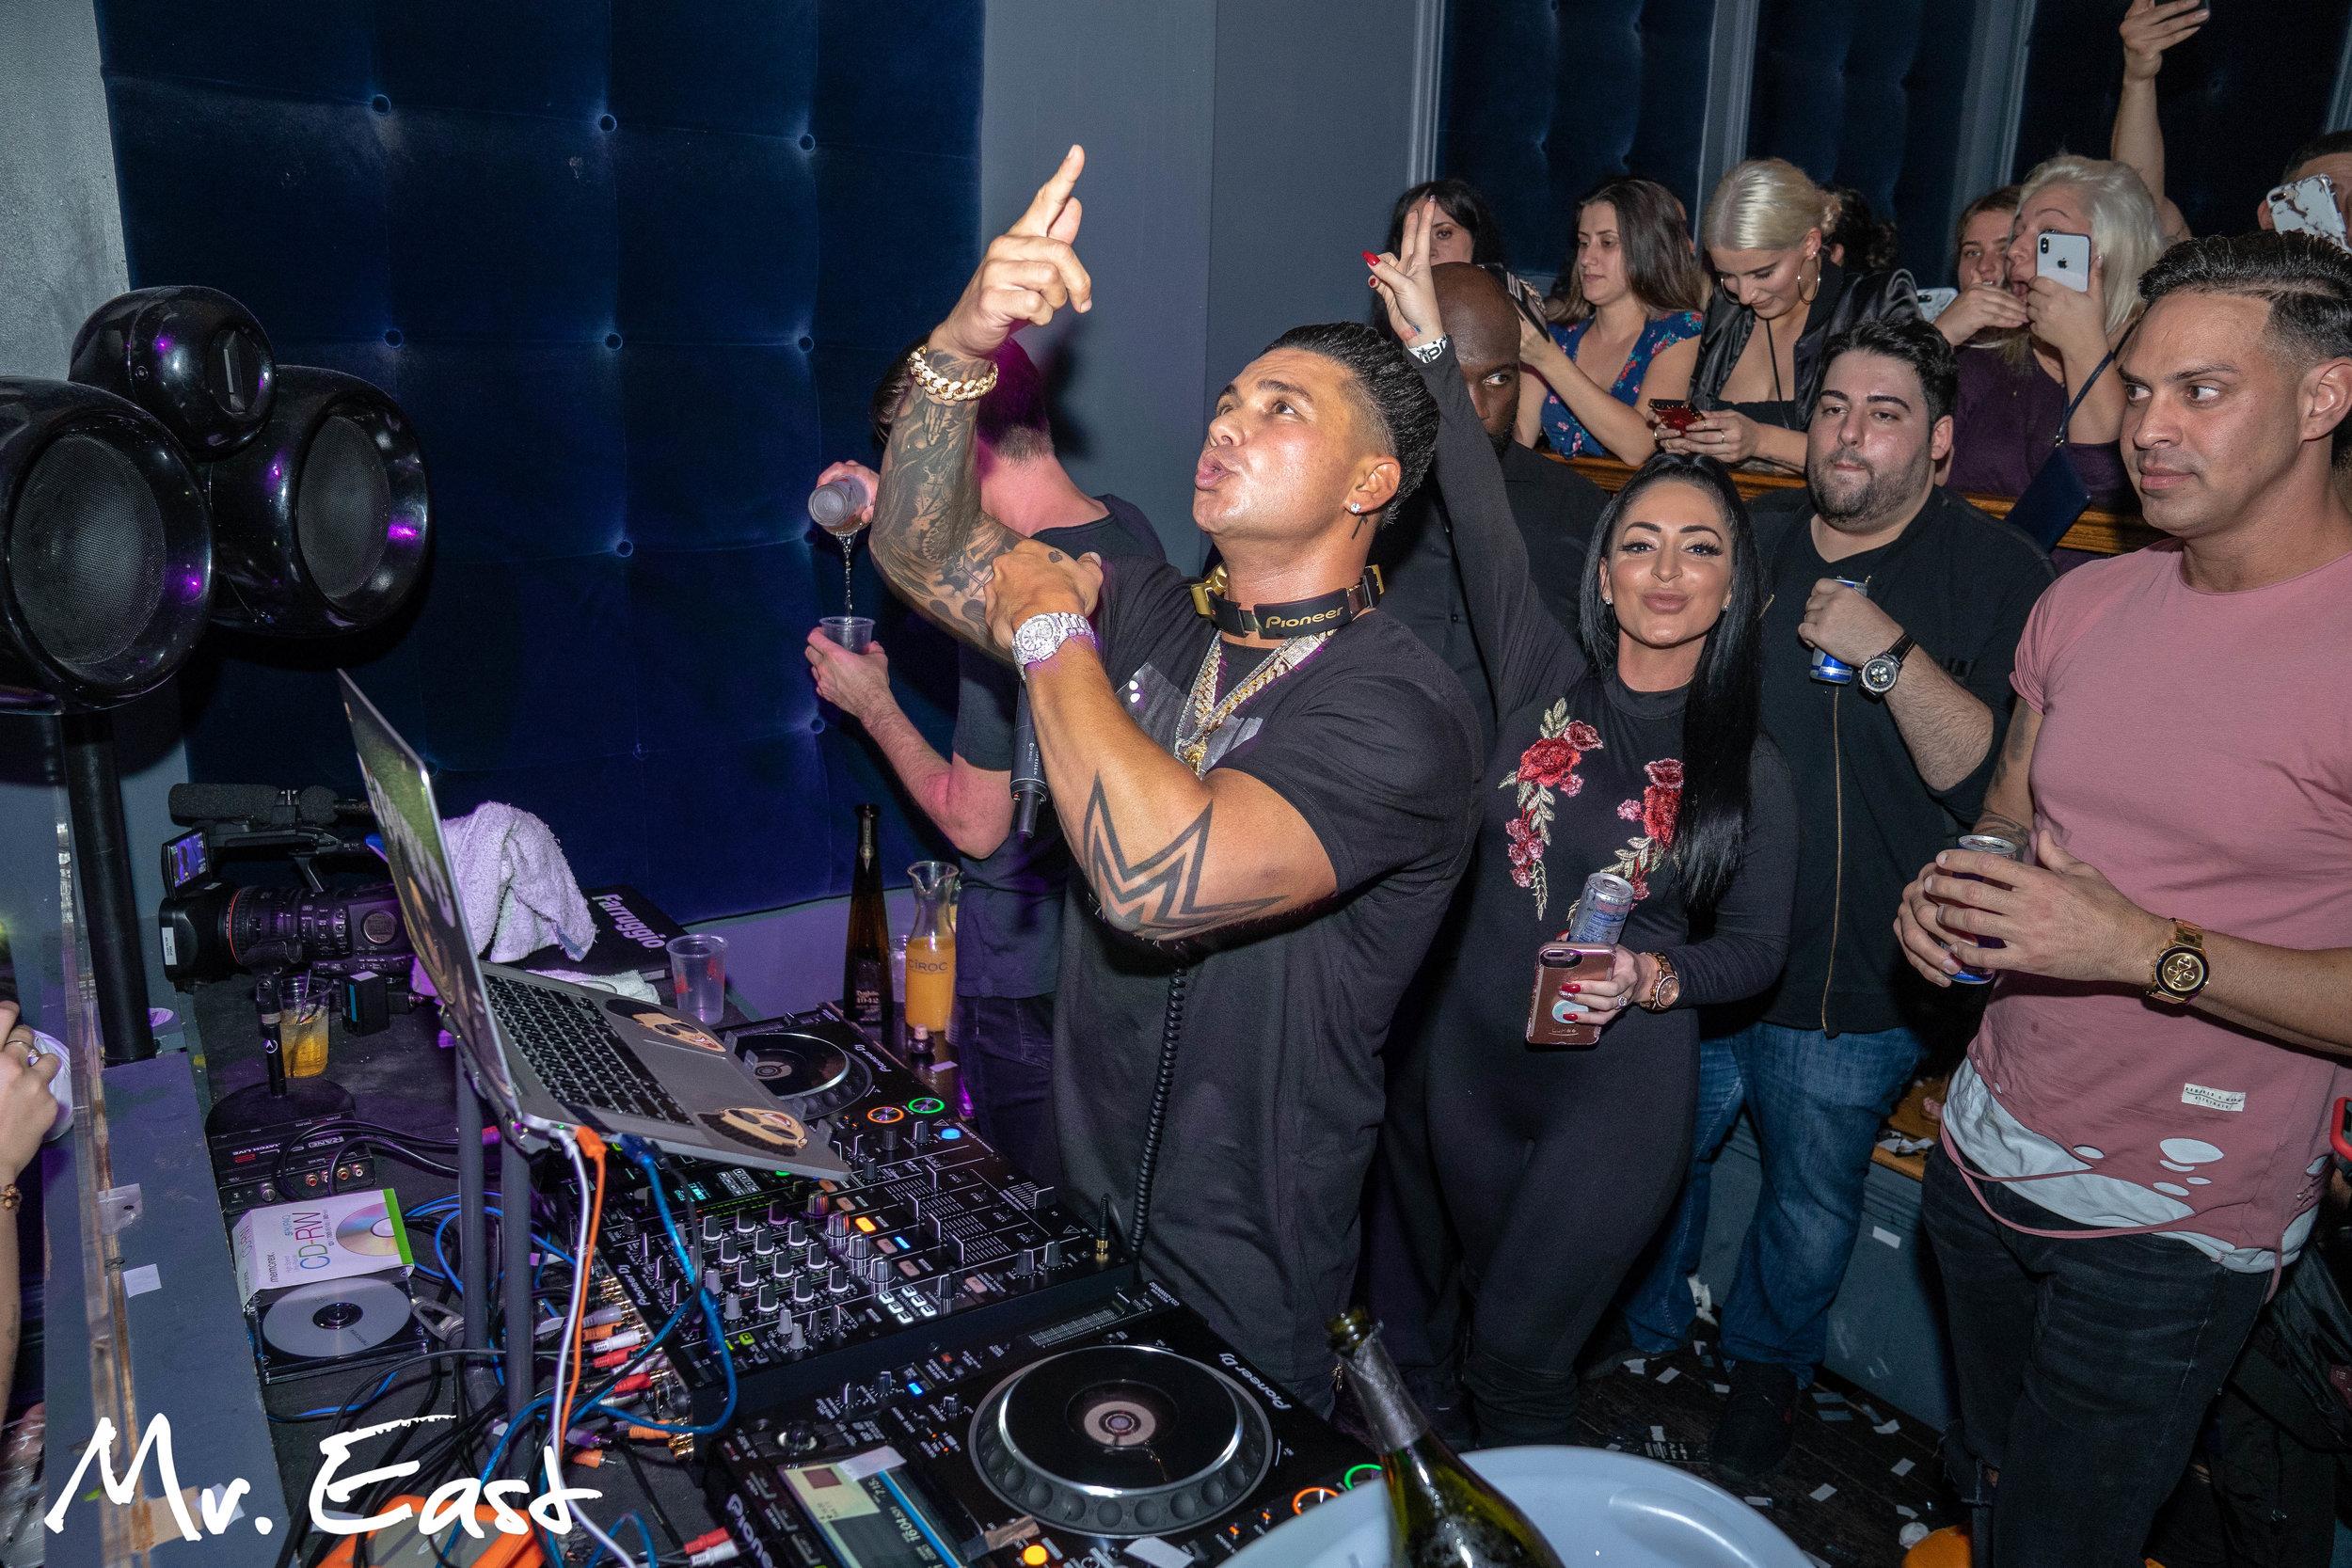 10.06.18 - DJ PAULY D, JOHN FARRUGIO